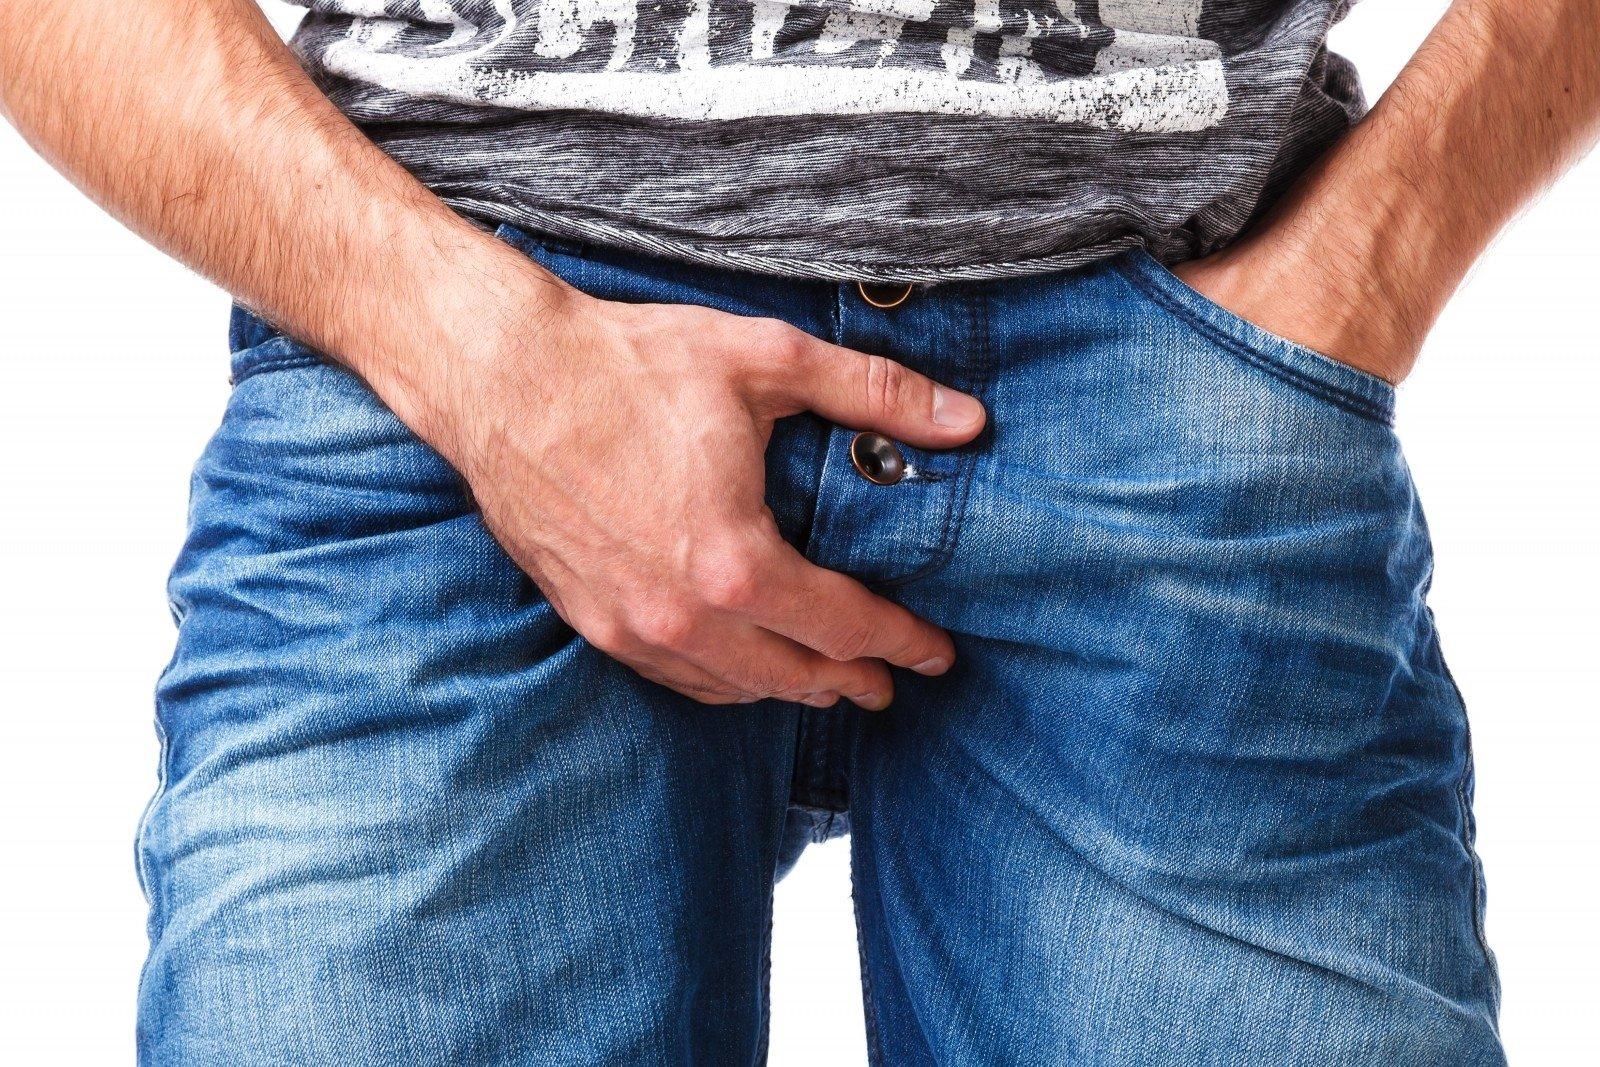 jei erekcija įvyksta greitai kas yra suaugusiuju nario dydis